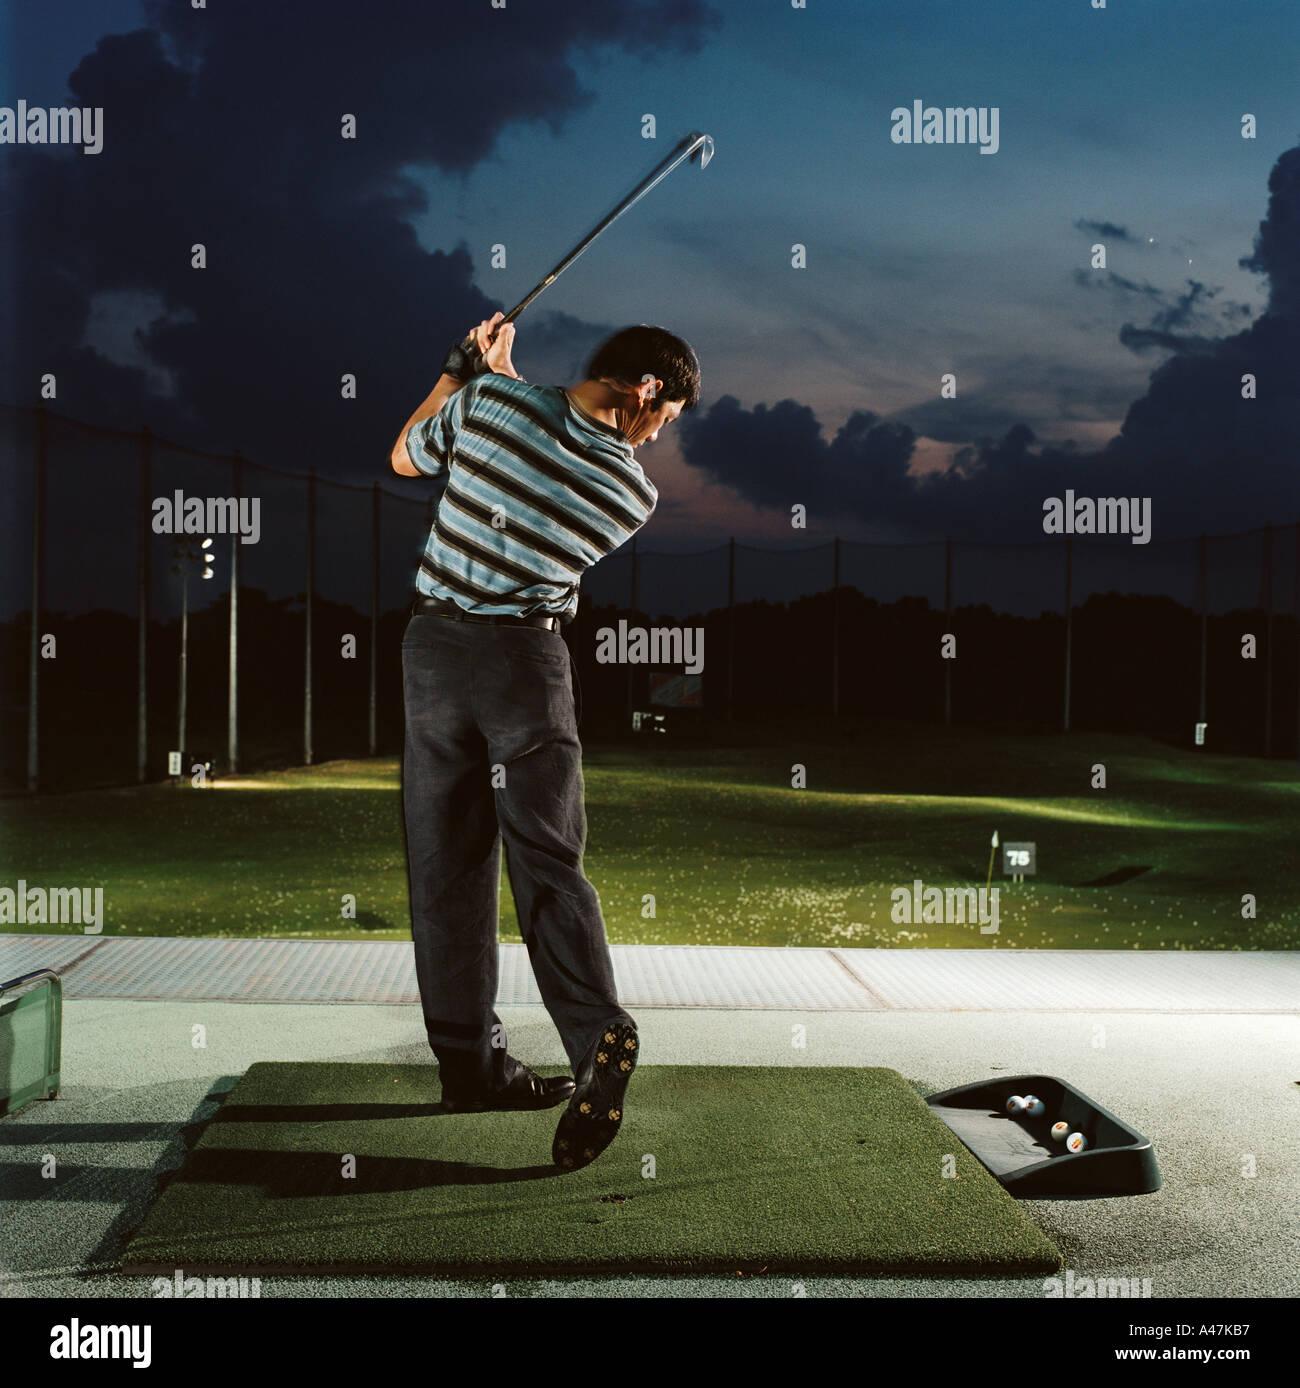 Golf Course Driving Range Stock Photos Amp Golf Course